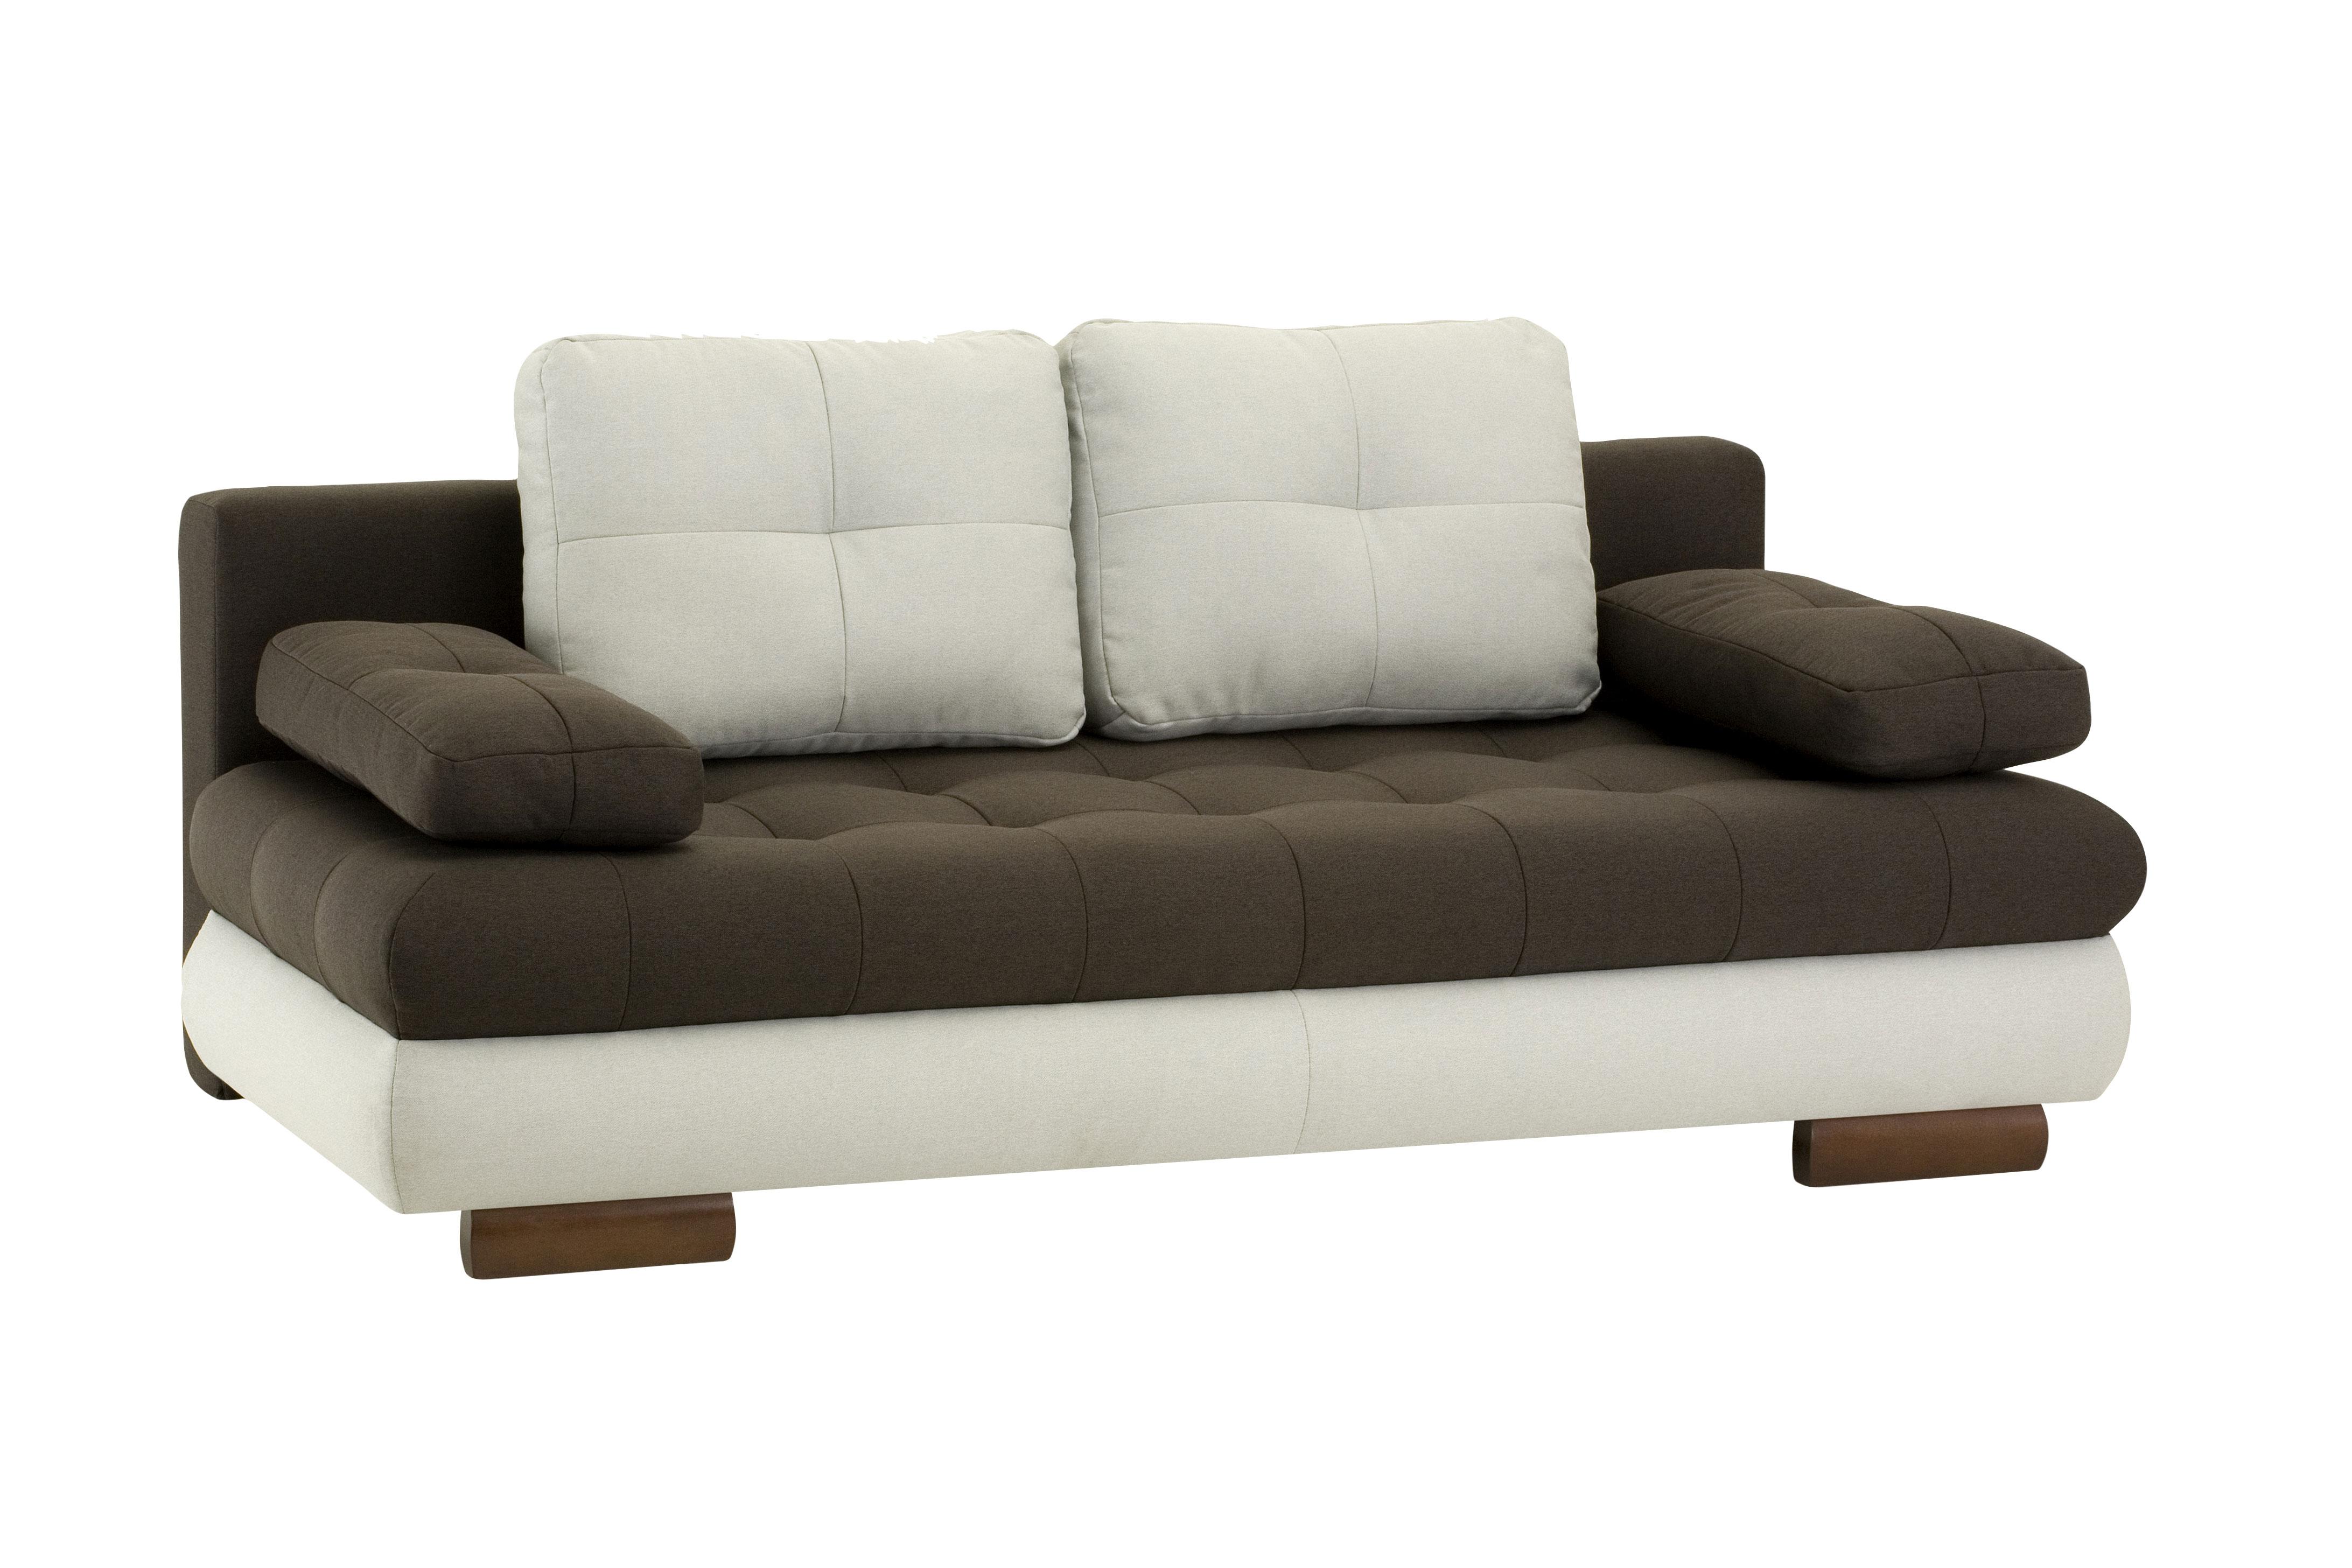 Canapea extensibila 3 locuri Luore Brown